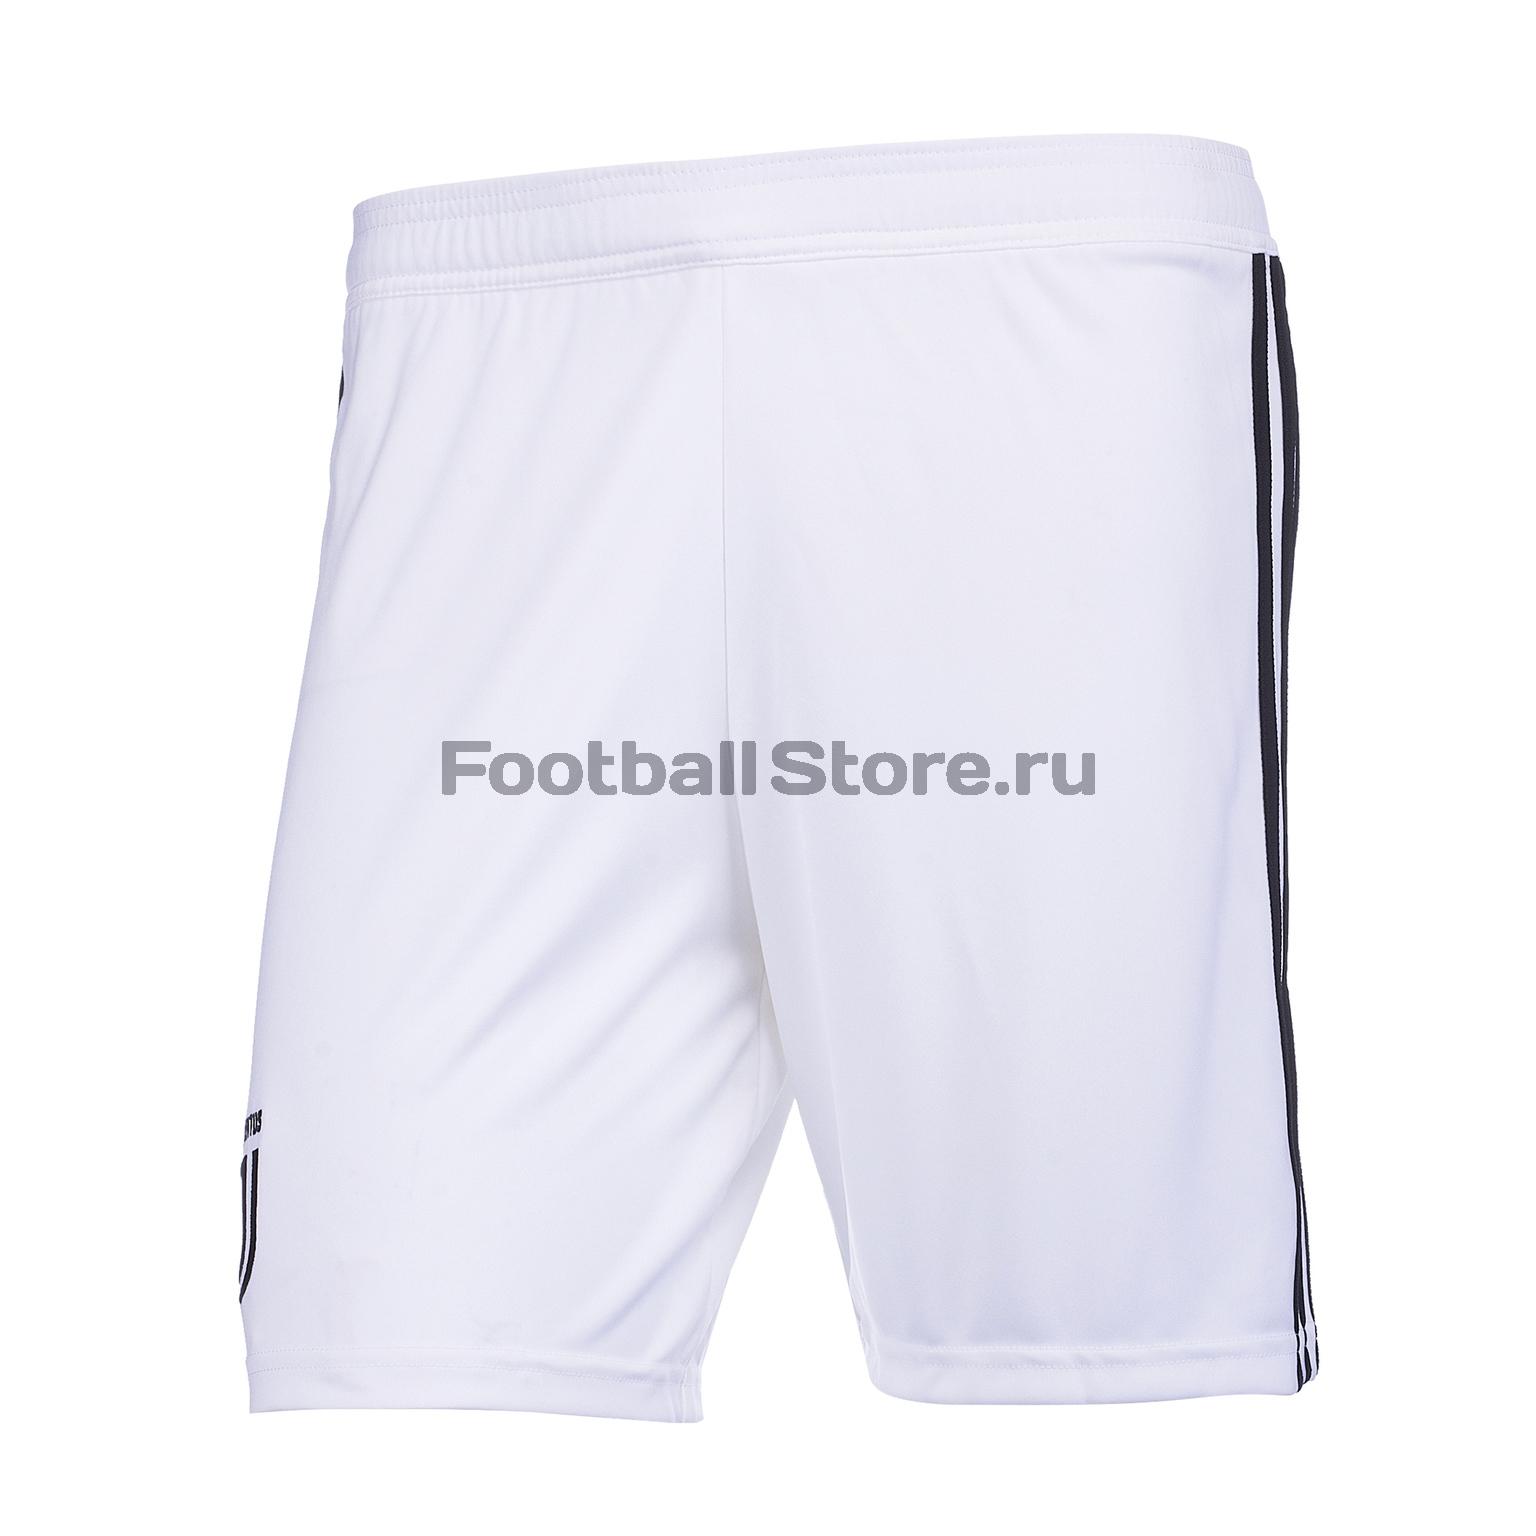 Шорты домашние игровые Adidas Juventus 2018/19 comazo шорты домашние